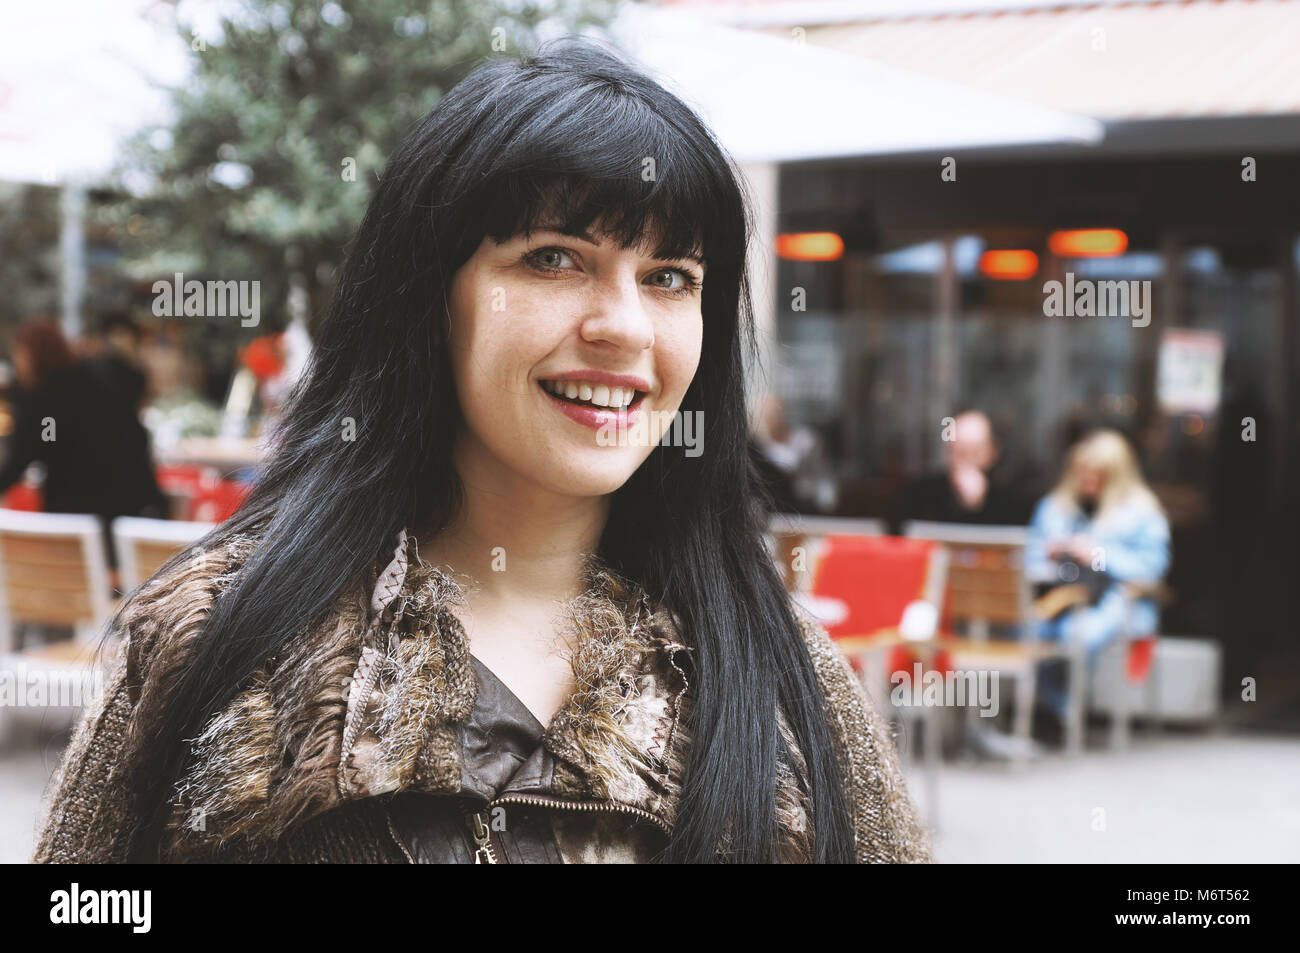 Mujer joven en calle peatonal en frente de un café al aire libre Imagen De Stock